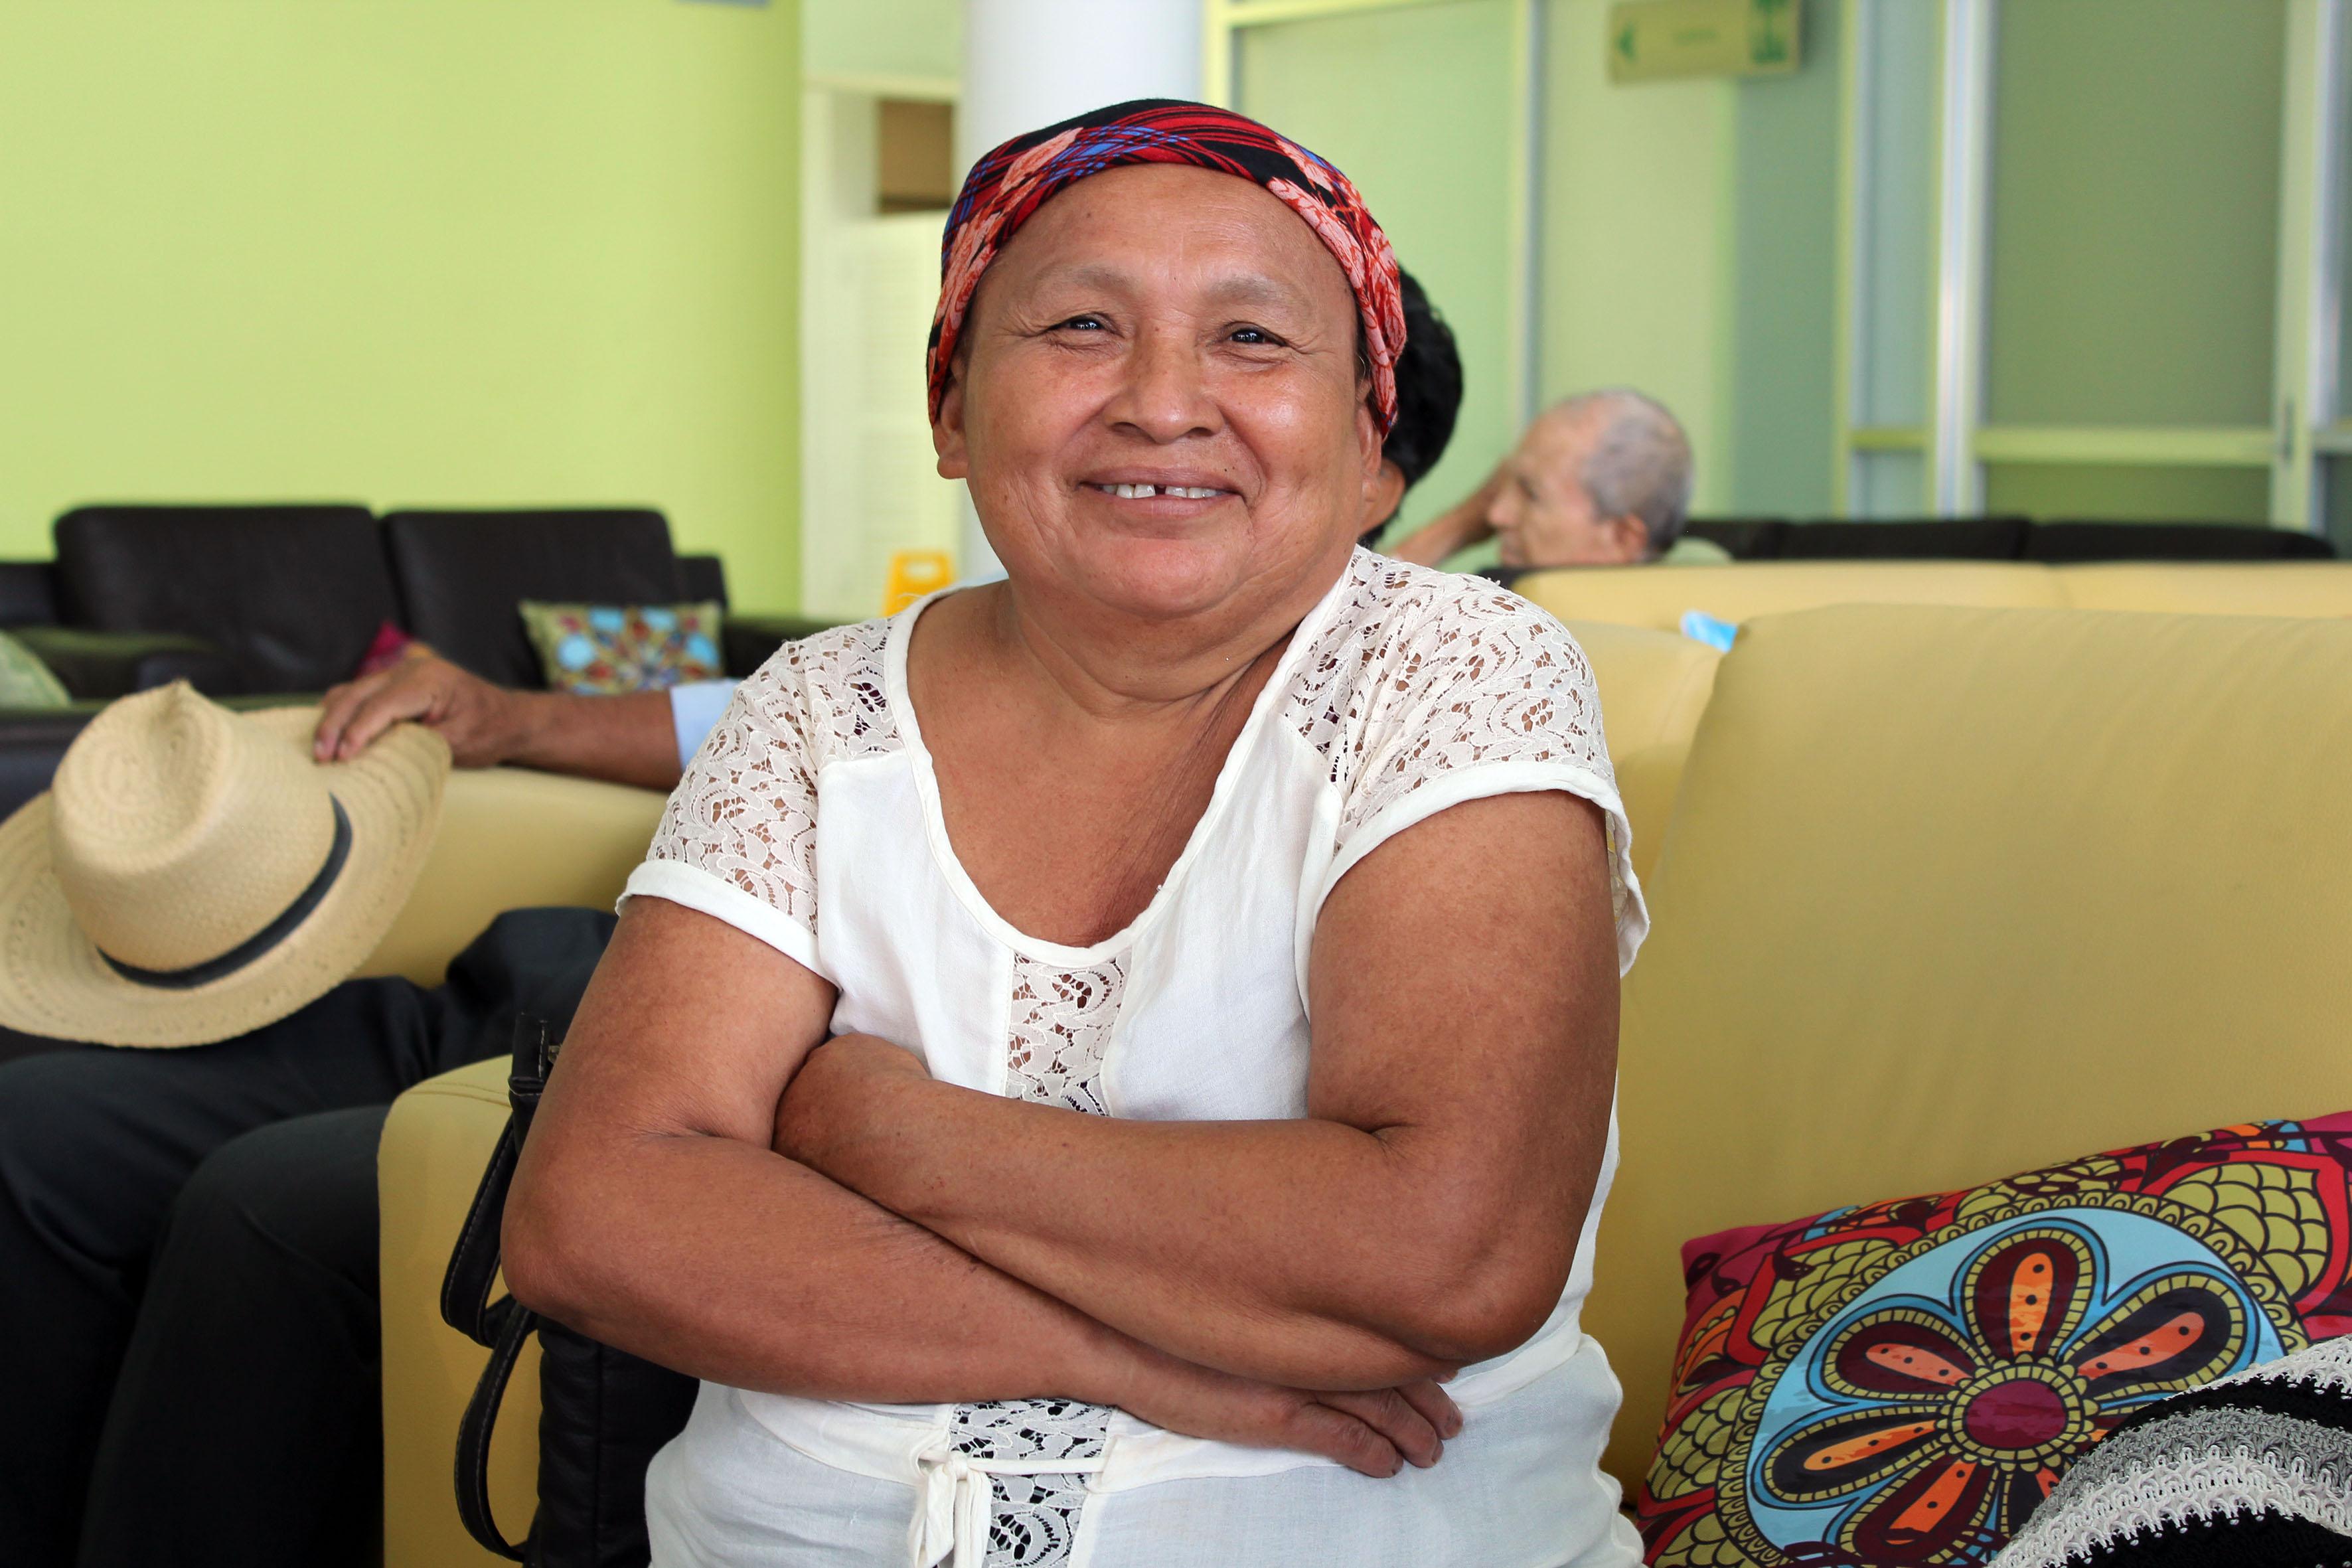 La señora Lizbeth del Carmen Manrique, de 57 años de edad, quien salvó su vida por haber detectado el padecimiento de manera temprana.